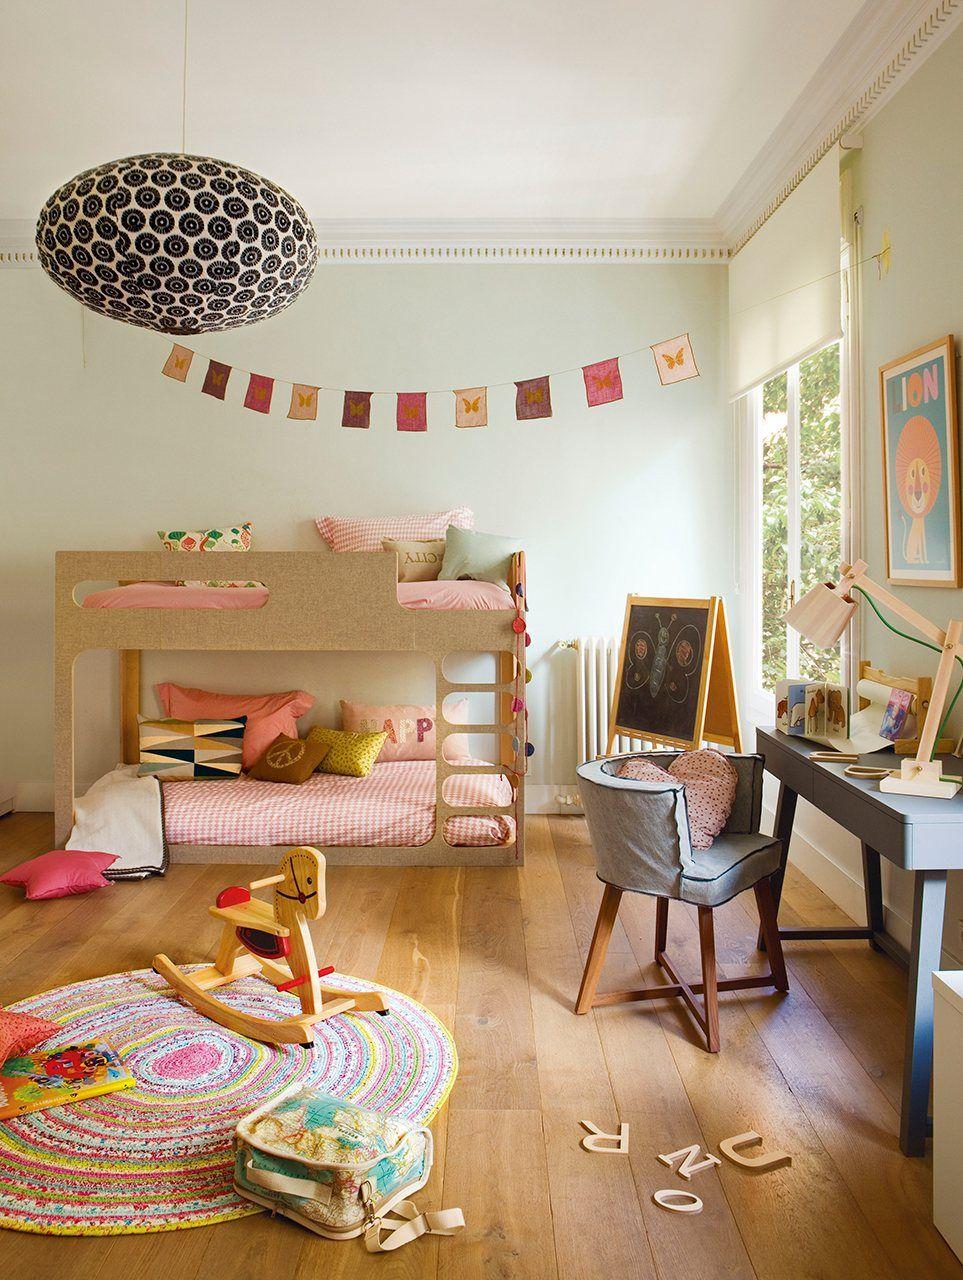 Habitaciones A Su Medida Las Claves De Los Expertos Elmueble  ~ Colores Bonitos Para Habitaciones